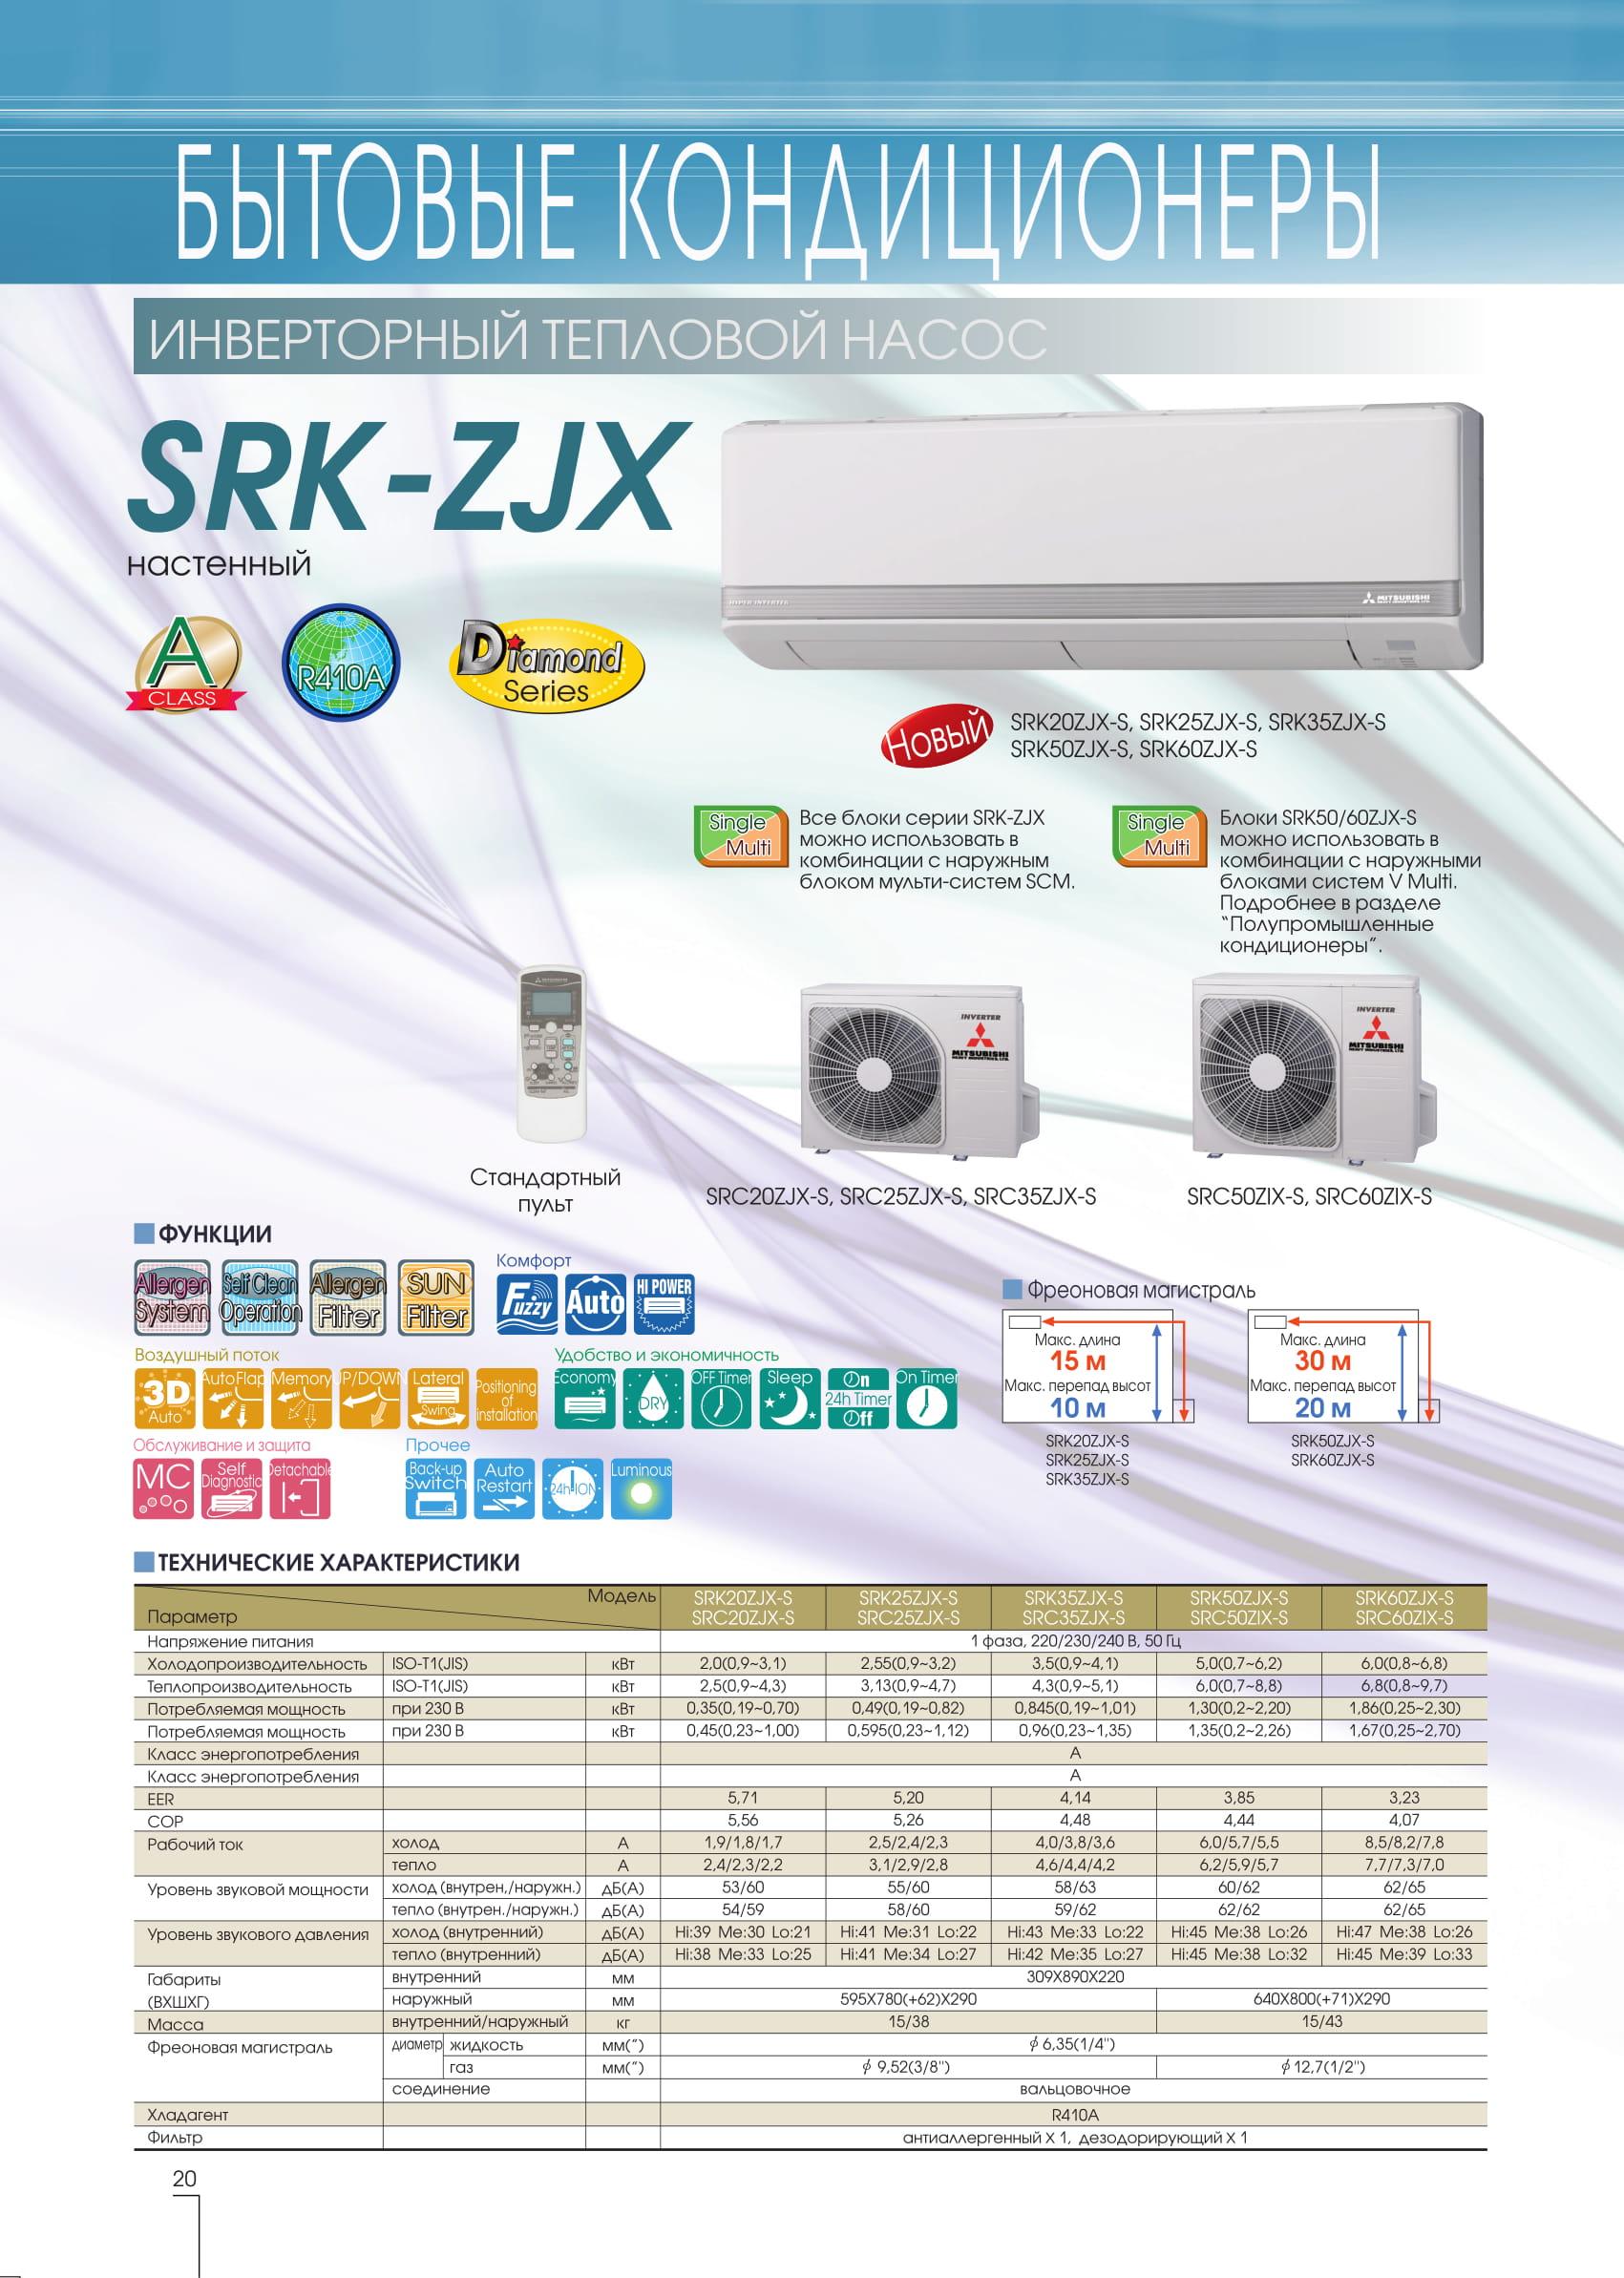 бытовая серия SRK-ZJX Mitsubishi heavy